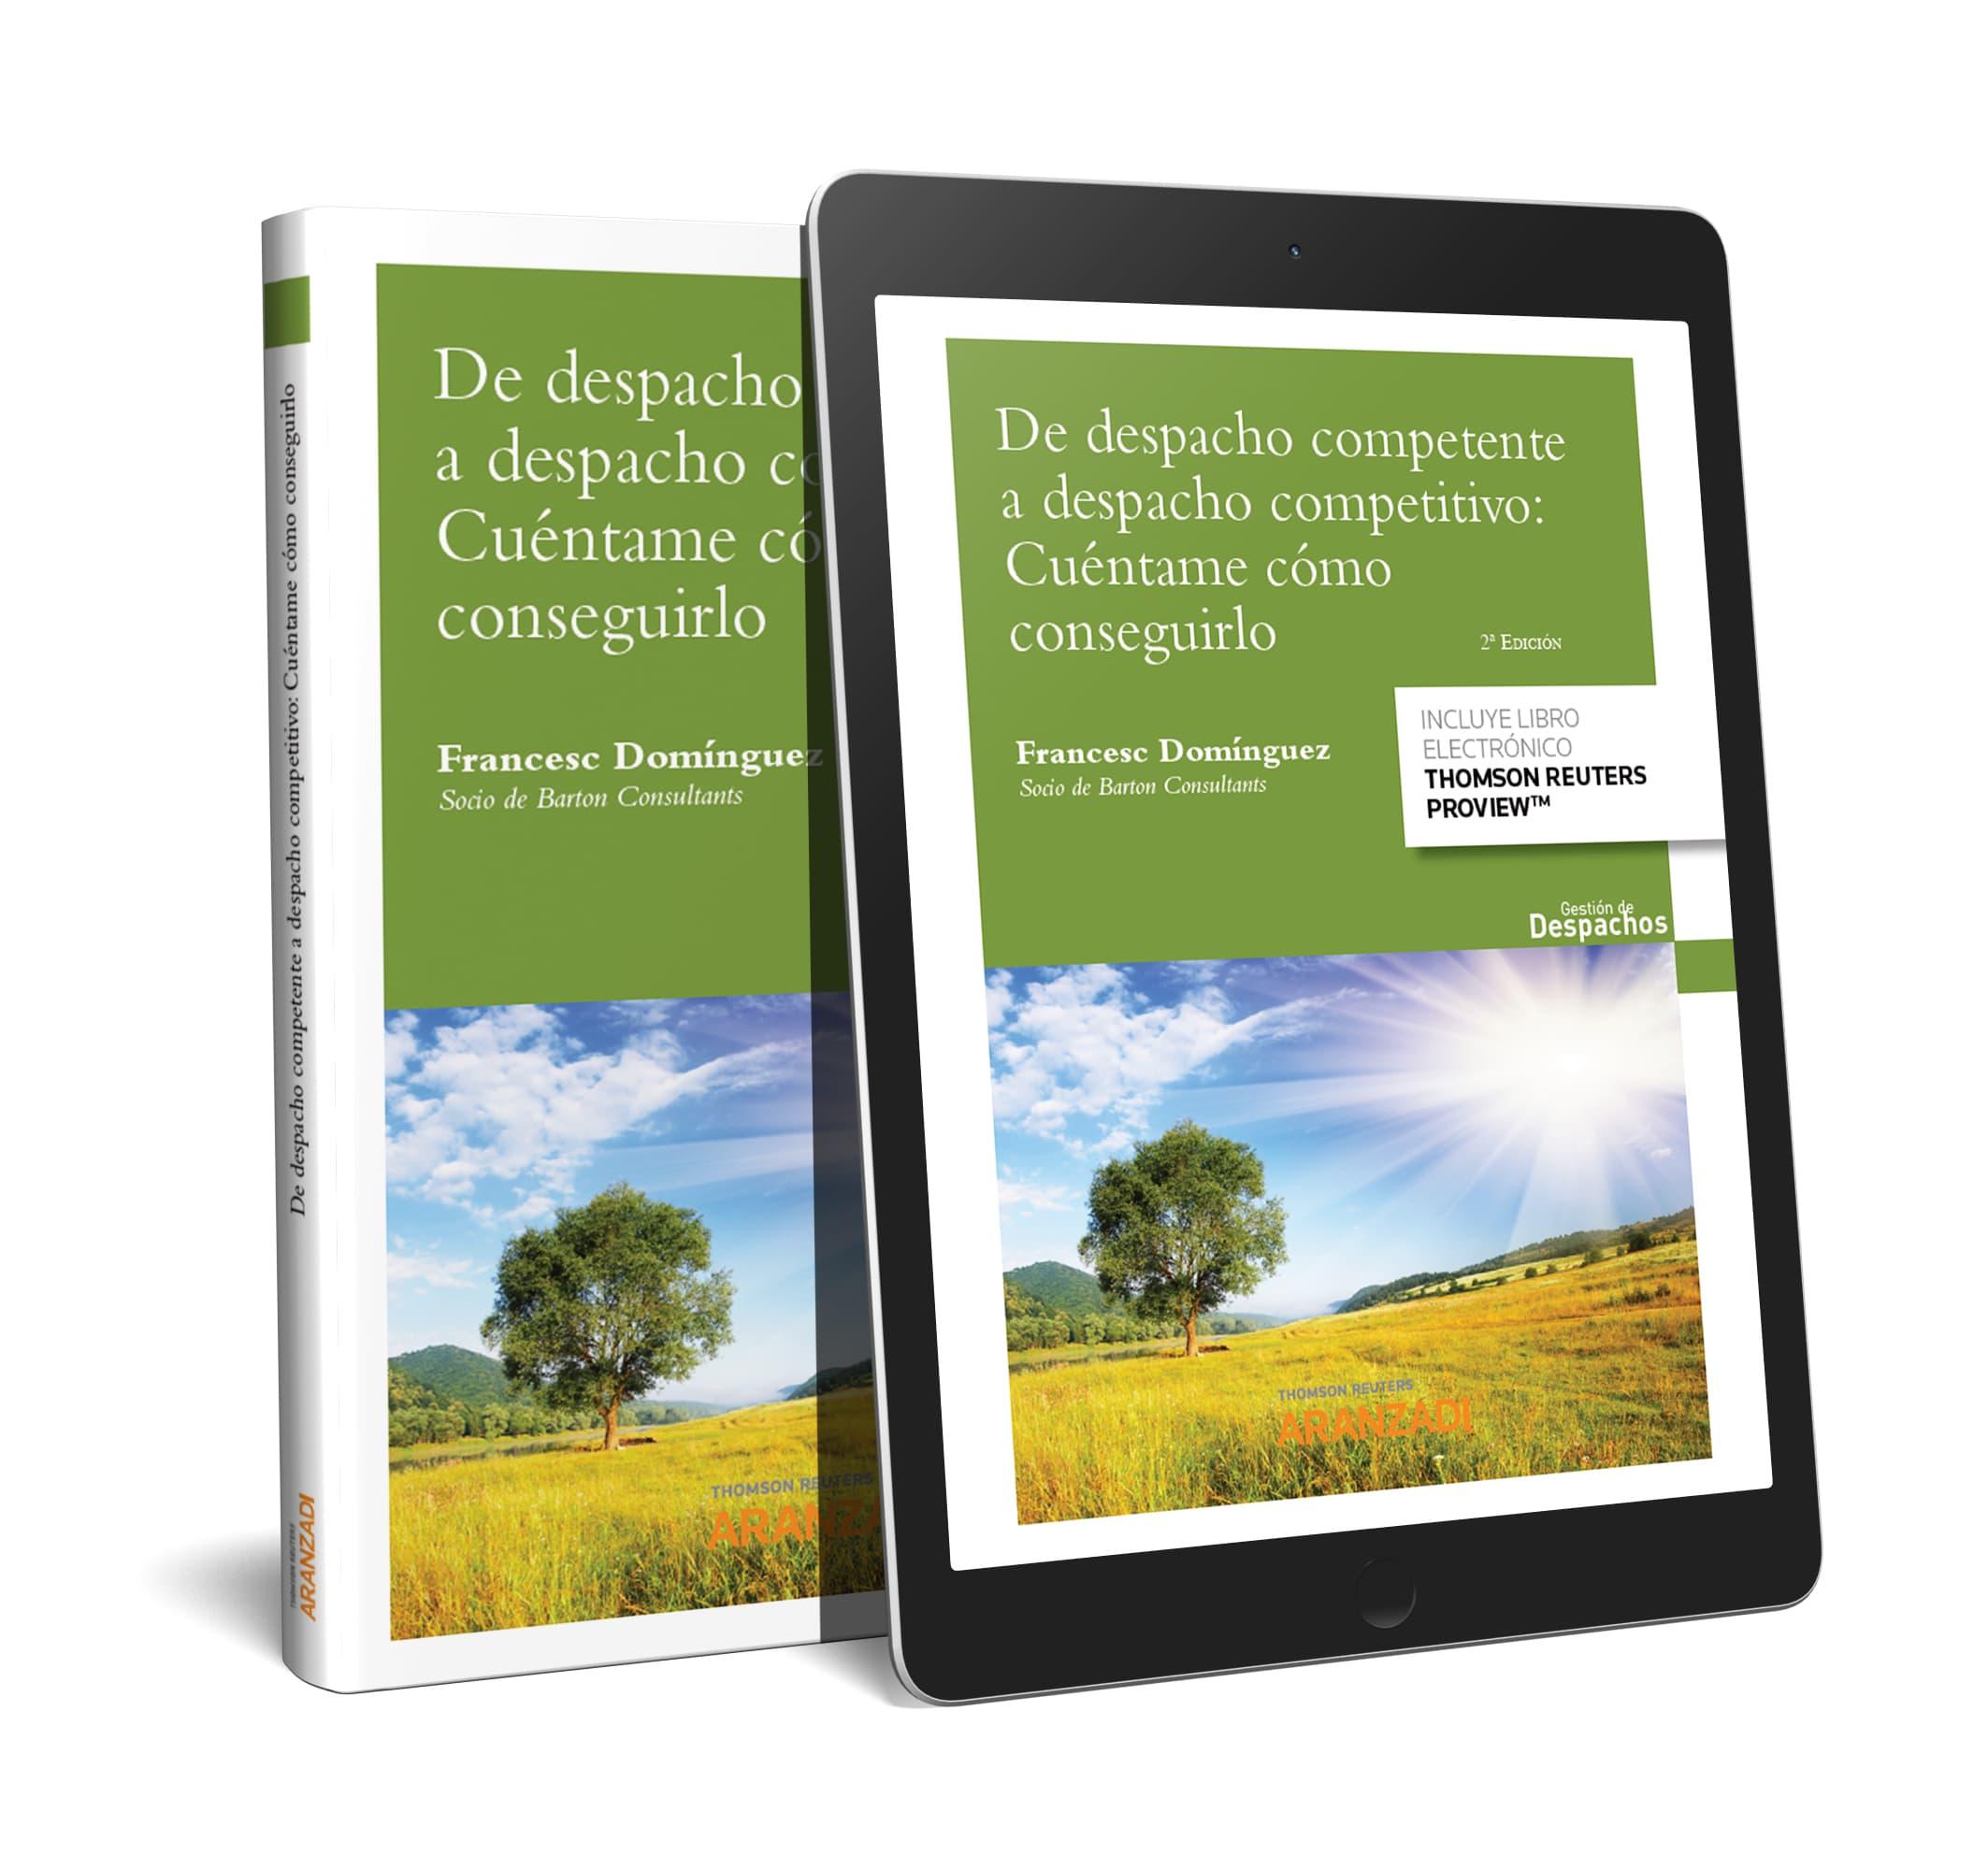 DE DESPACHO COMPETENTE A DESPACHO COMPETITIVO: CUNTAME CÓMO CONSEGUIRLO (DÚO)